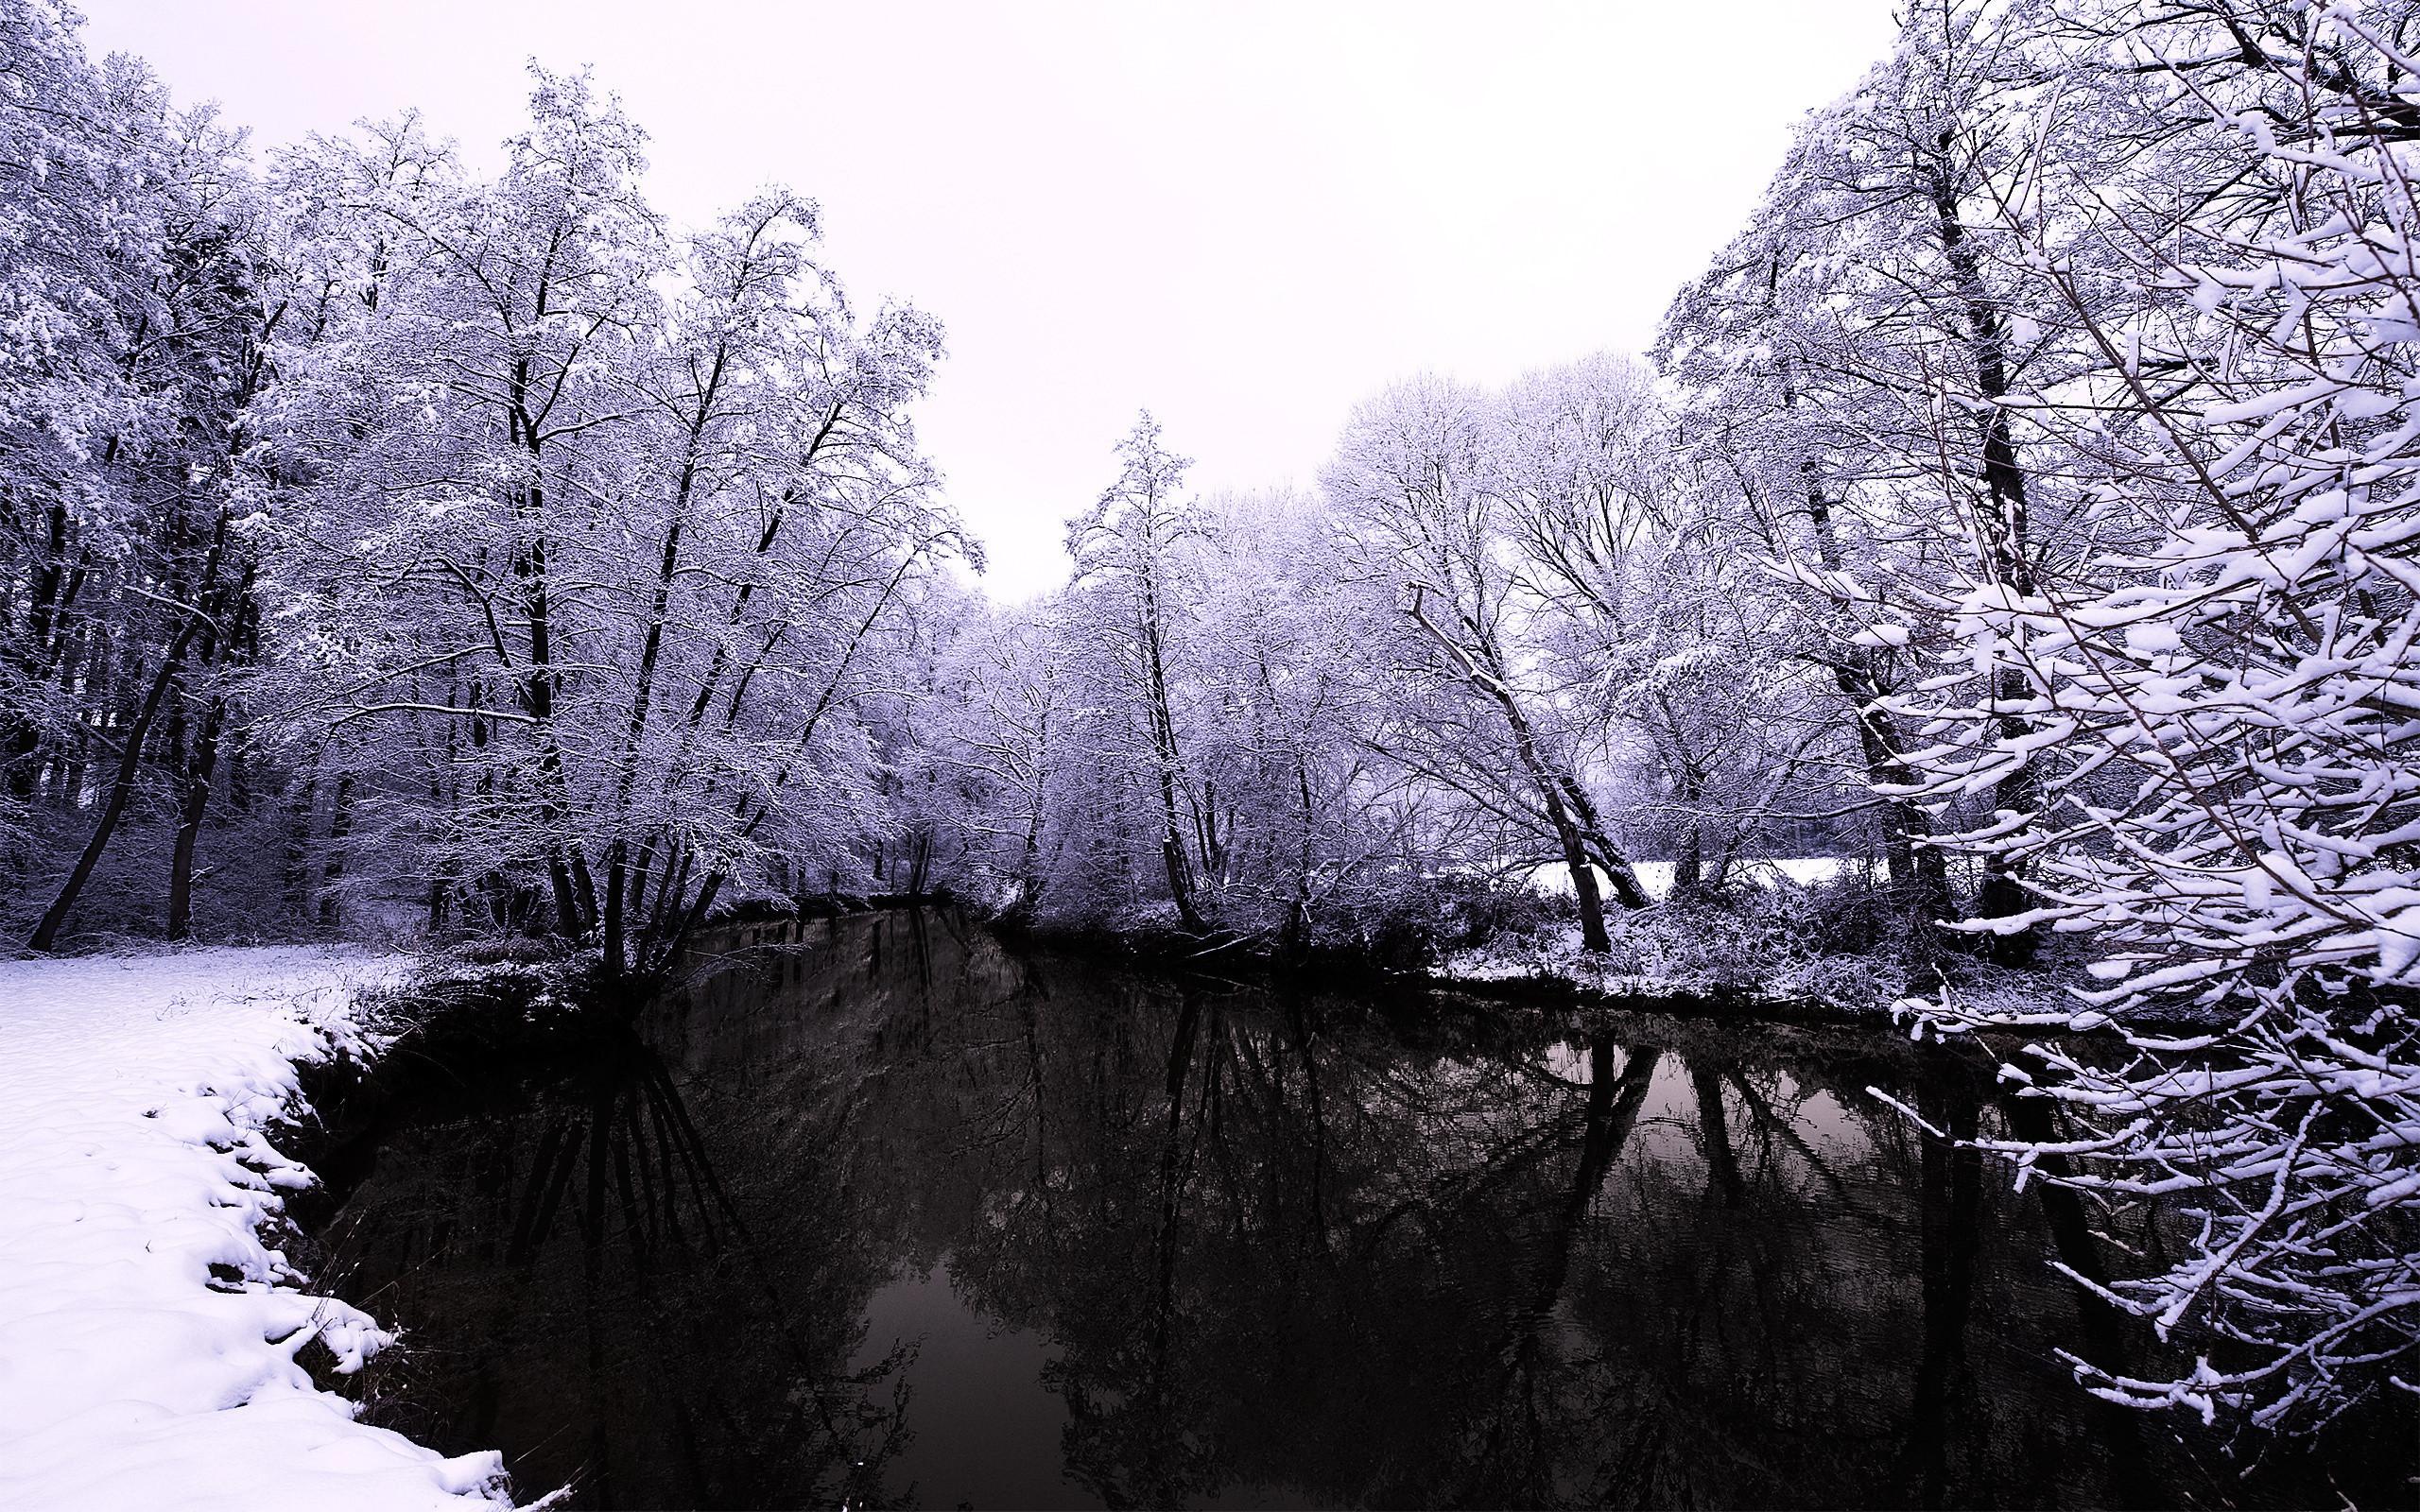 20754 скачать обои Пейзаж, Зима, Река, Деревья, Снег - заставки и картинки бесплатно